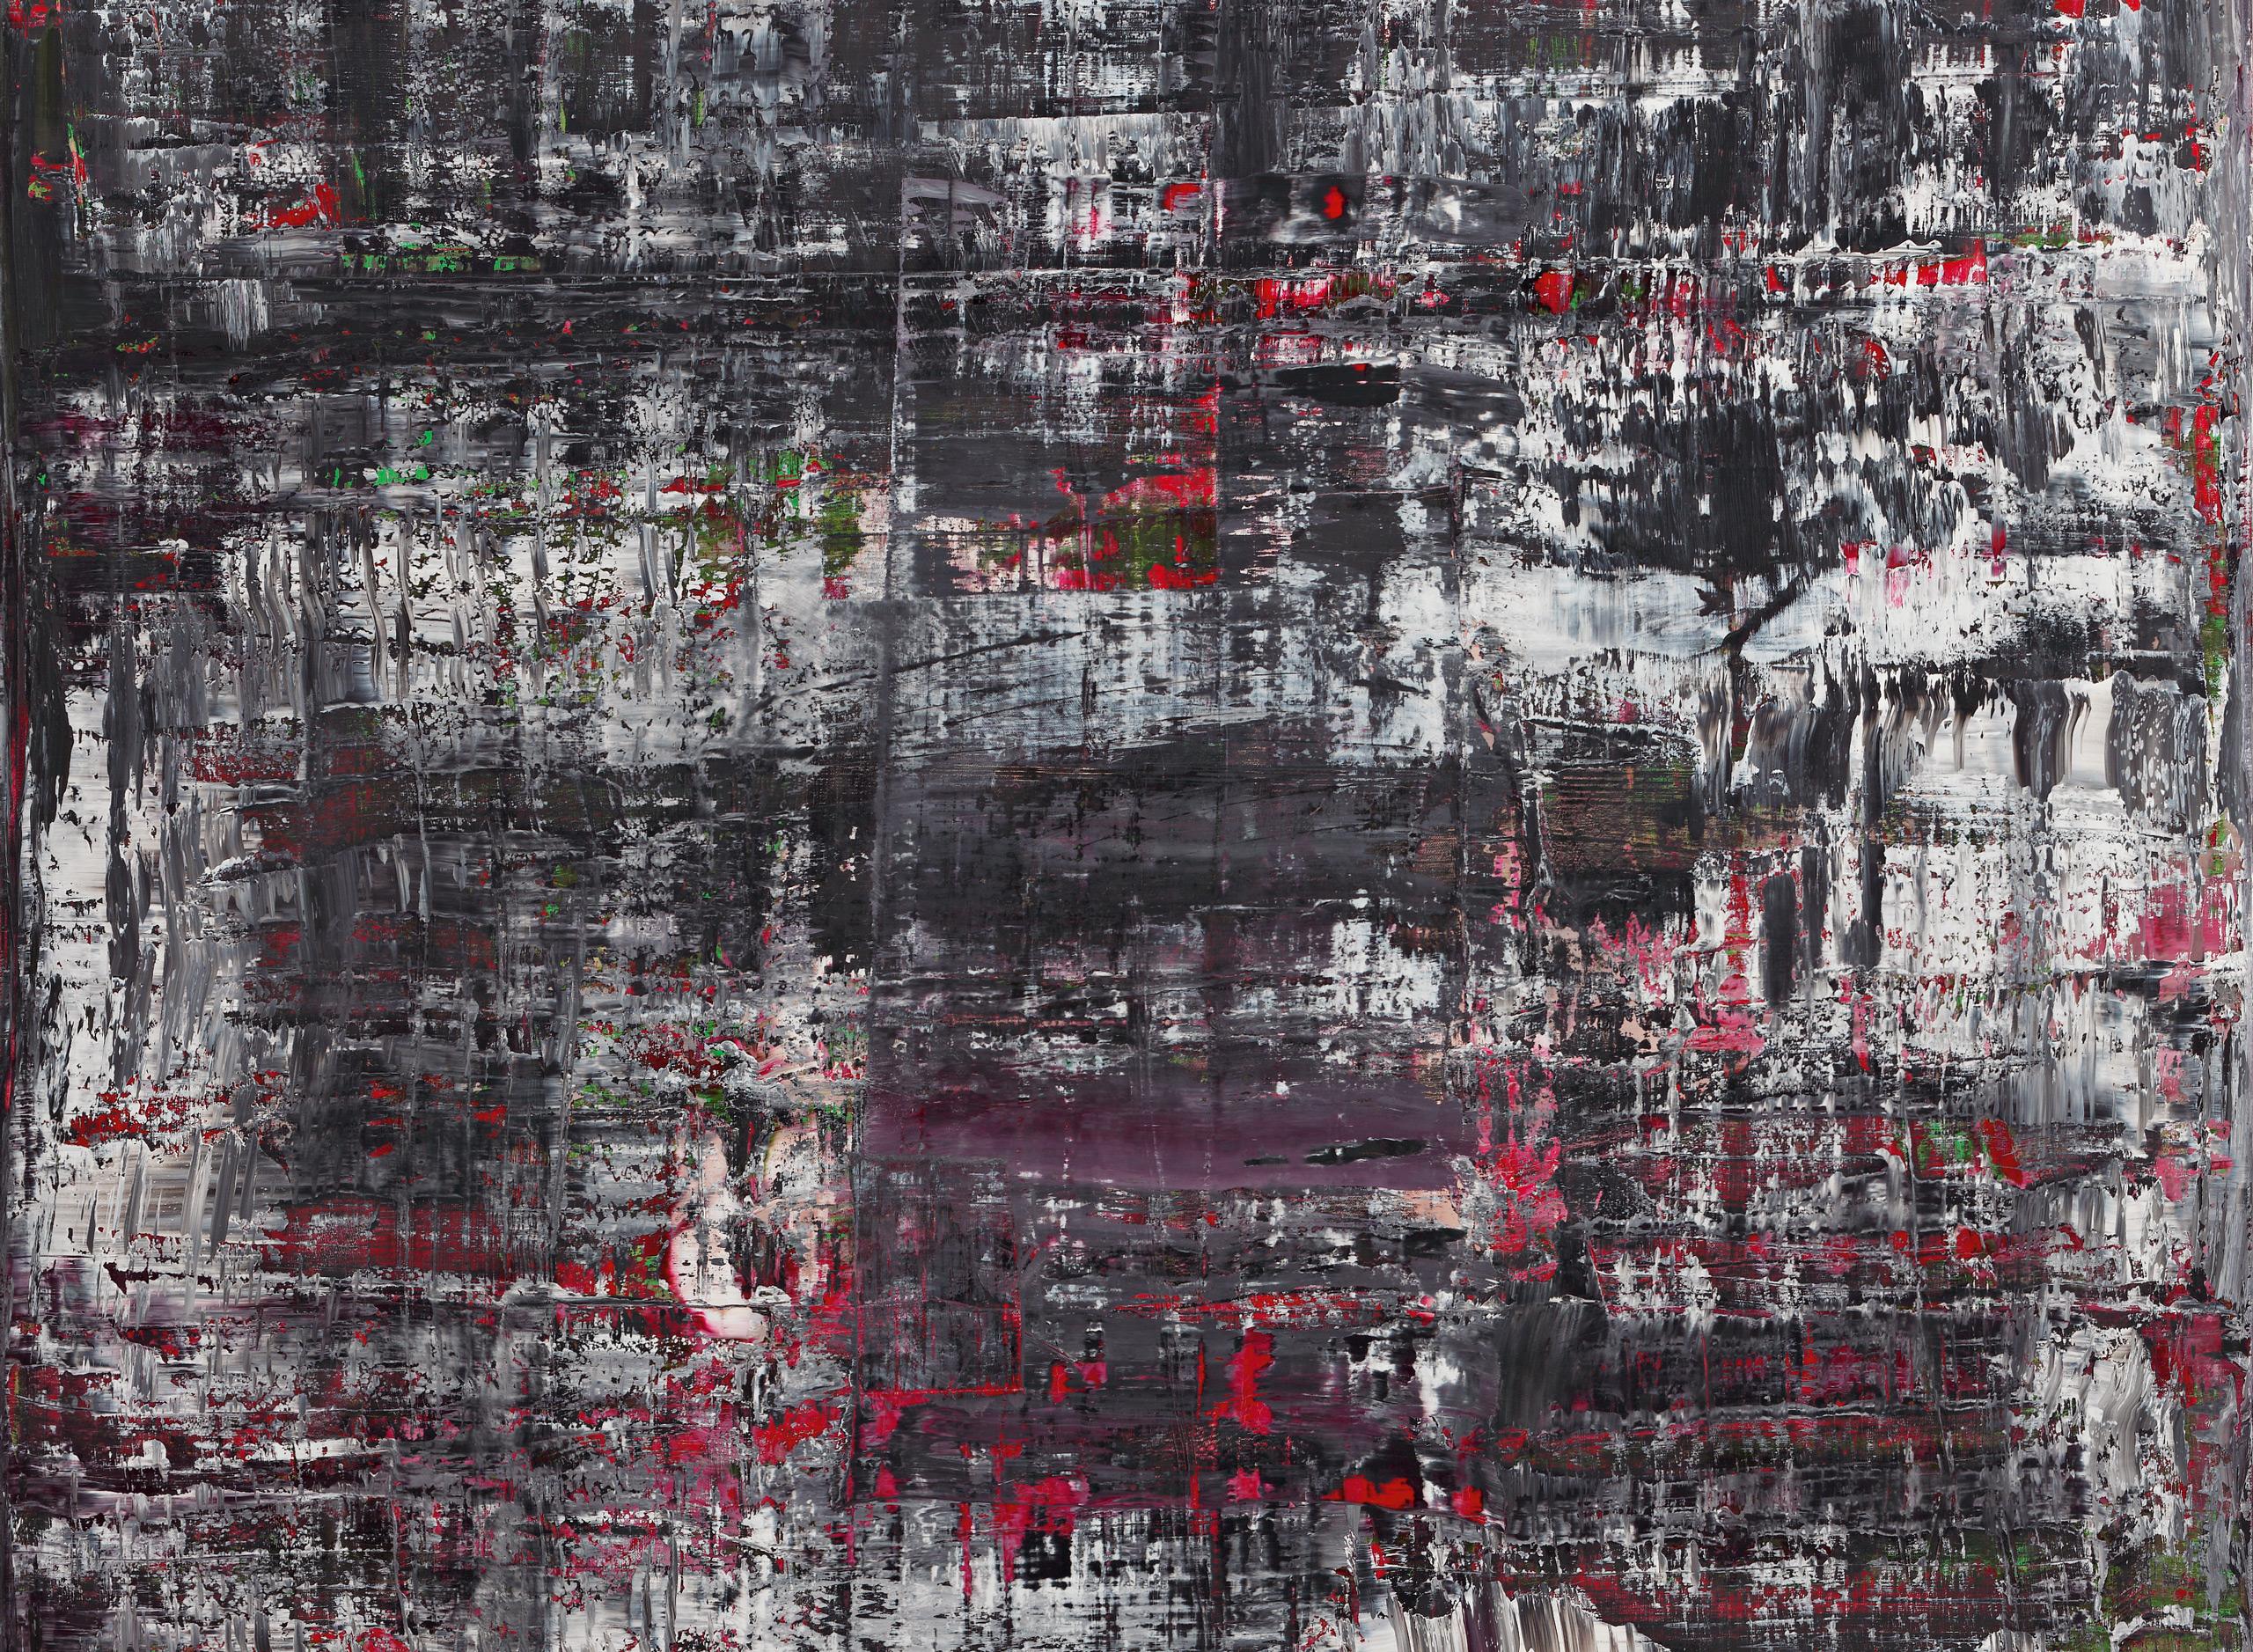 Ріхтер передасть частину робіт як позику Музею мистецтва ХХ століття